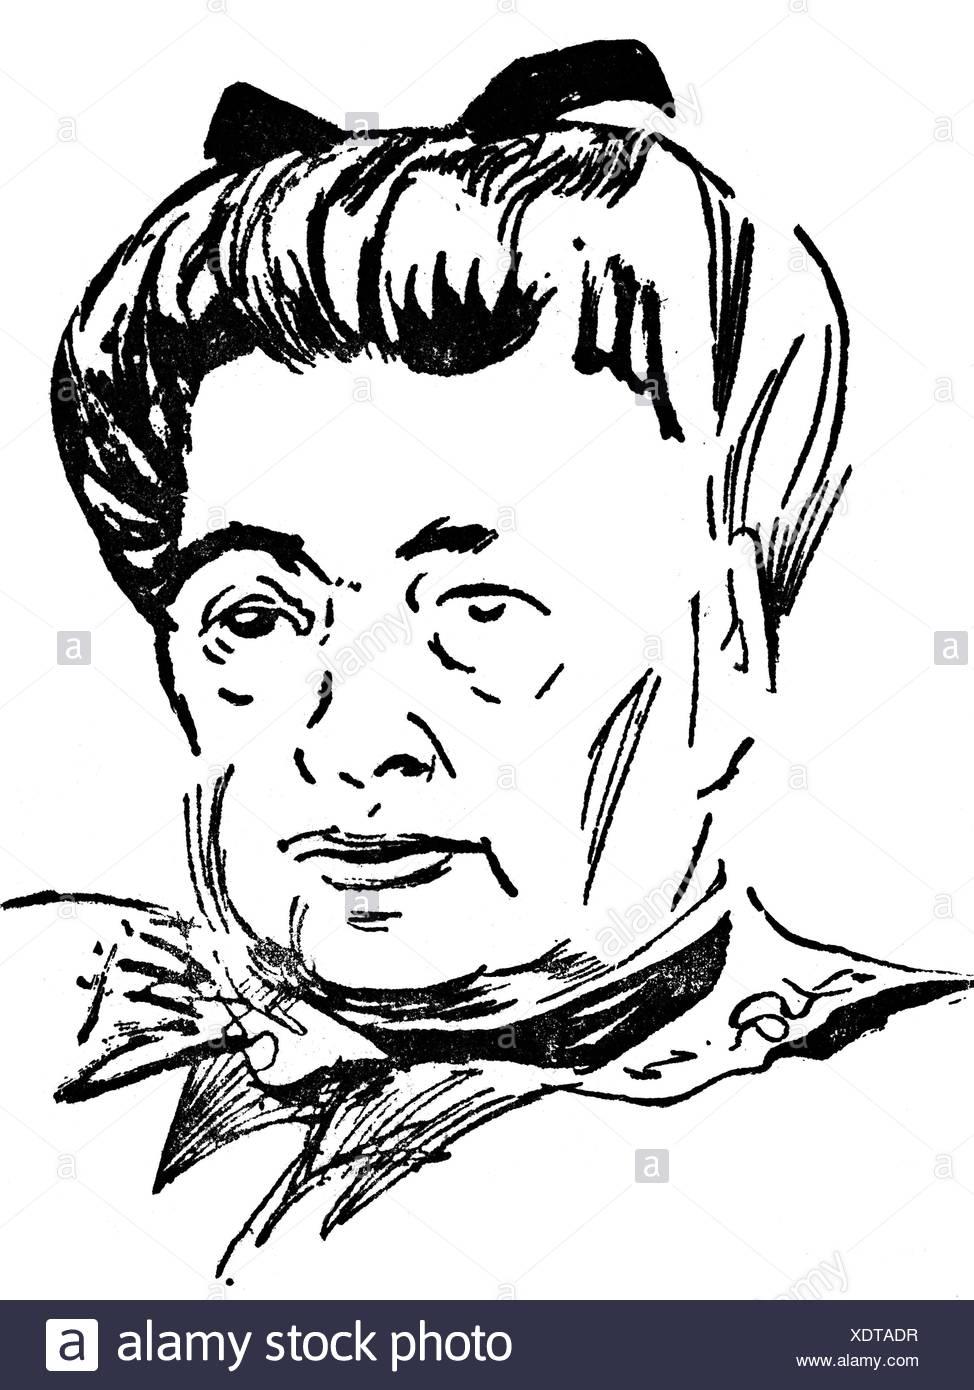 Suttner, Bertha-von-, 9.6.1843 - 21.6.1914, österreichische Pazifistin und Schriftstellerin, Portrait, Zeichnung von Conny, 1948, Additional-Rights-Spiel-NA Stockbild